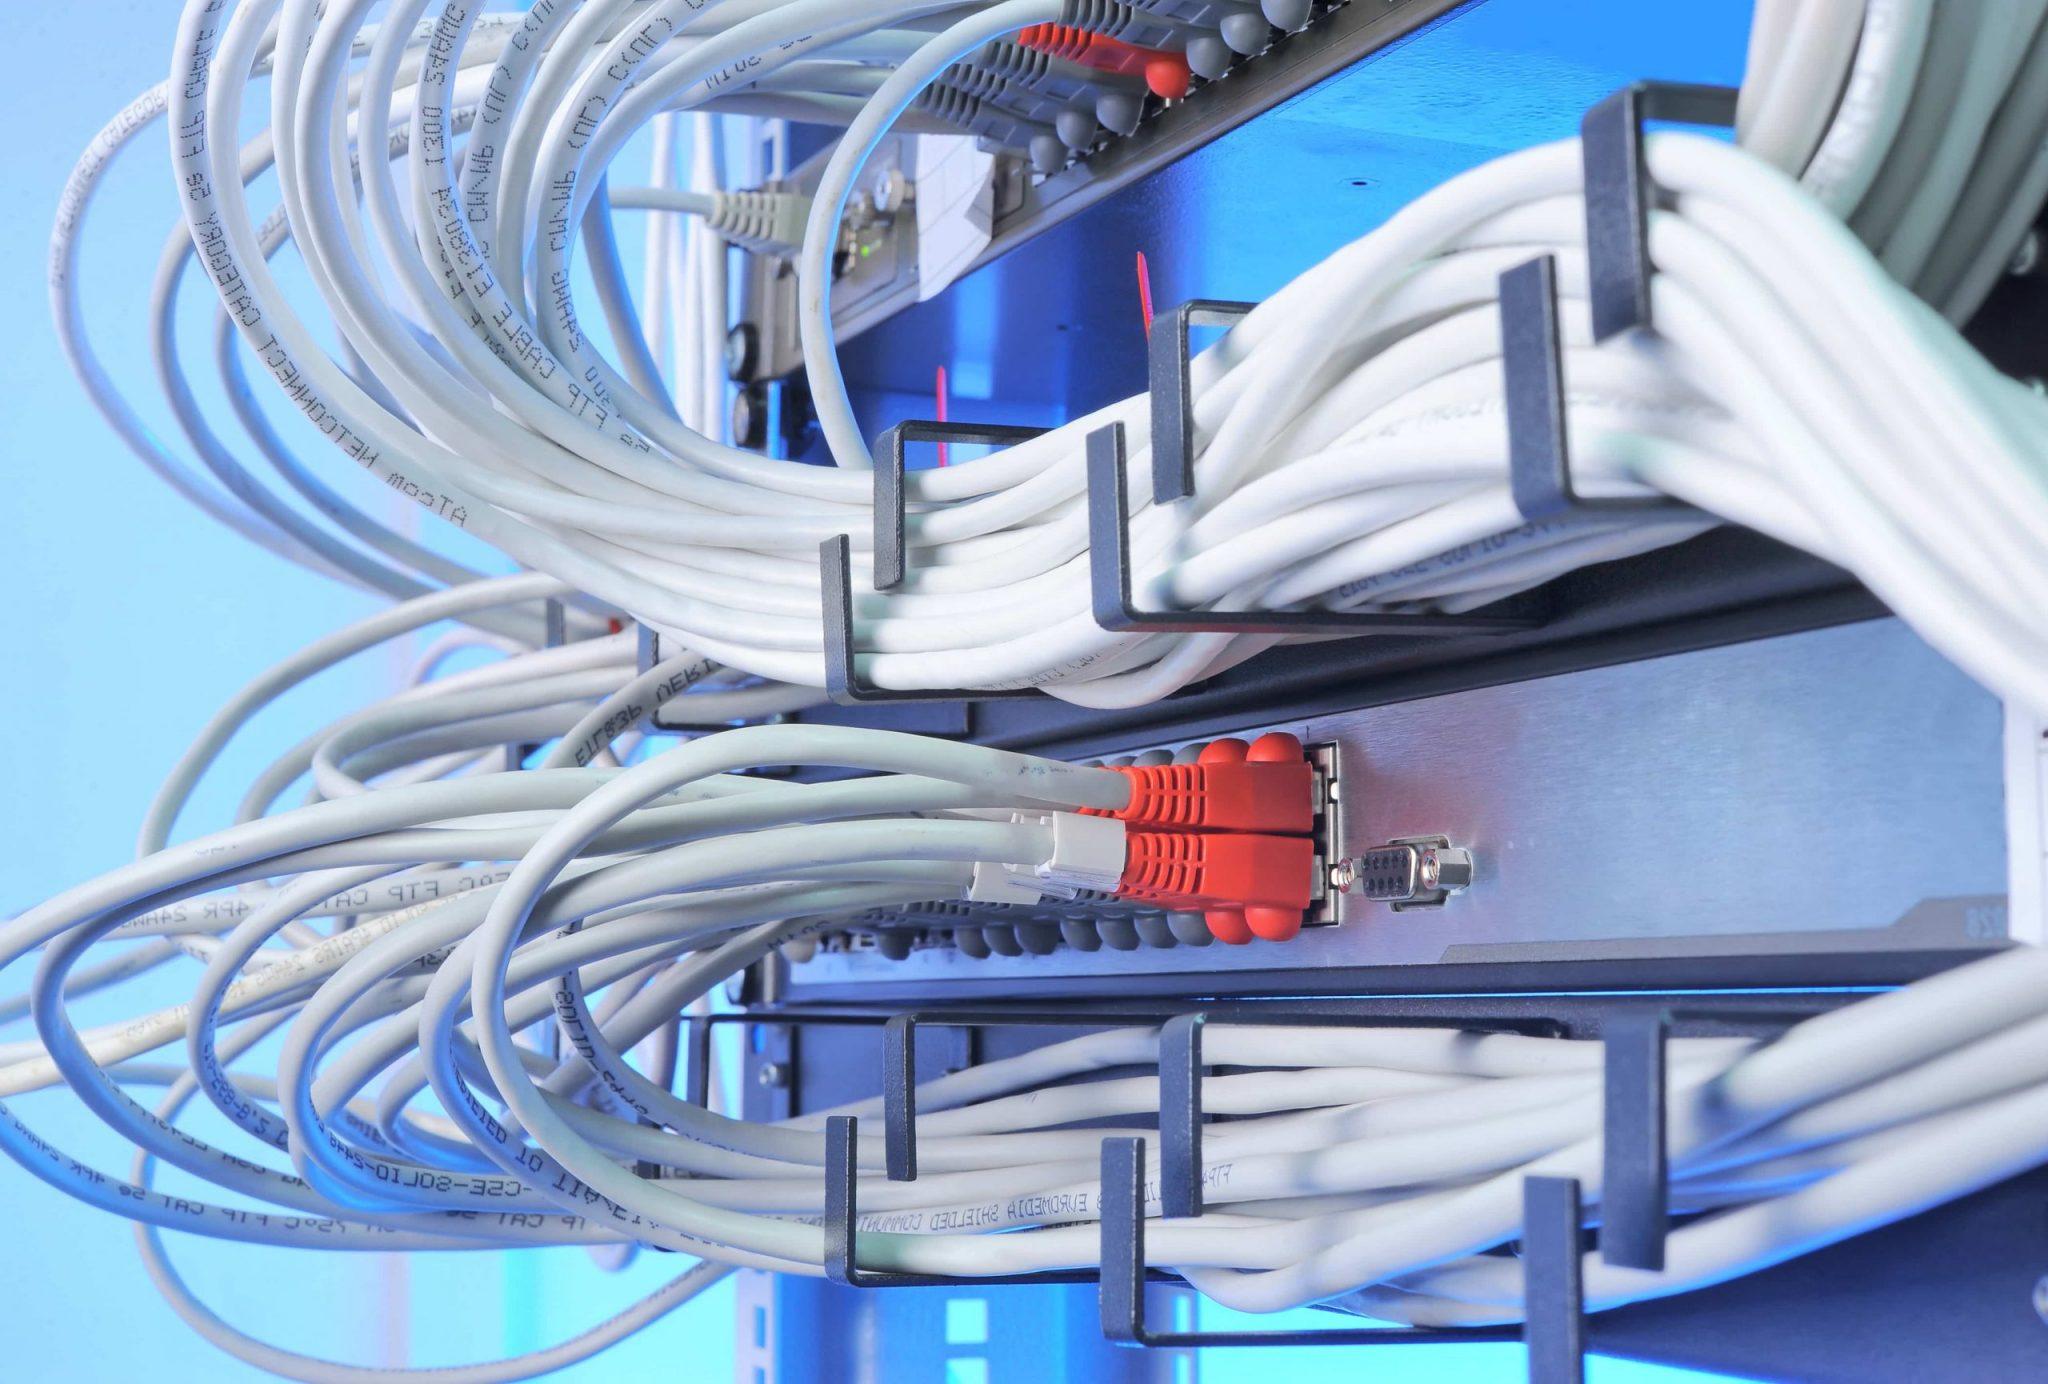 کابل شبکه CAT6 چیست